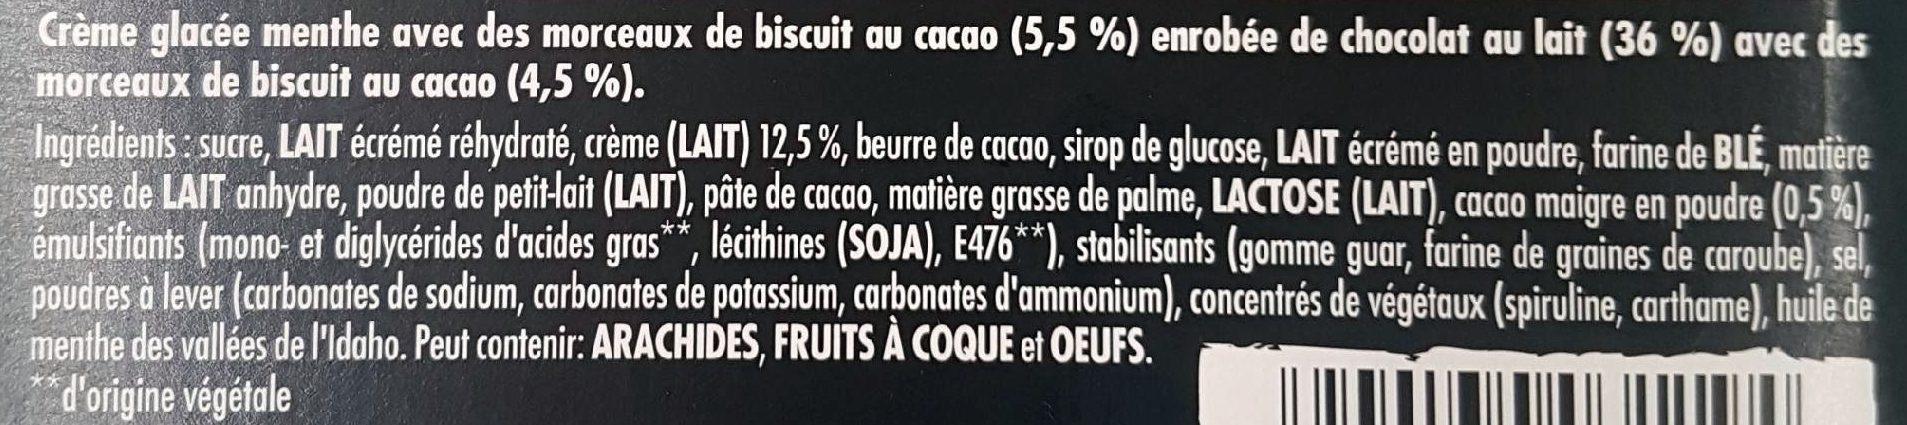 Cookie & Idaho valley mint ice cream - Ingrédients - fr